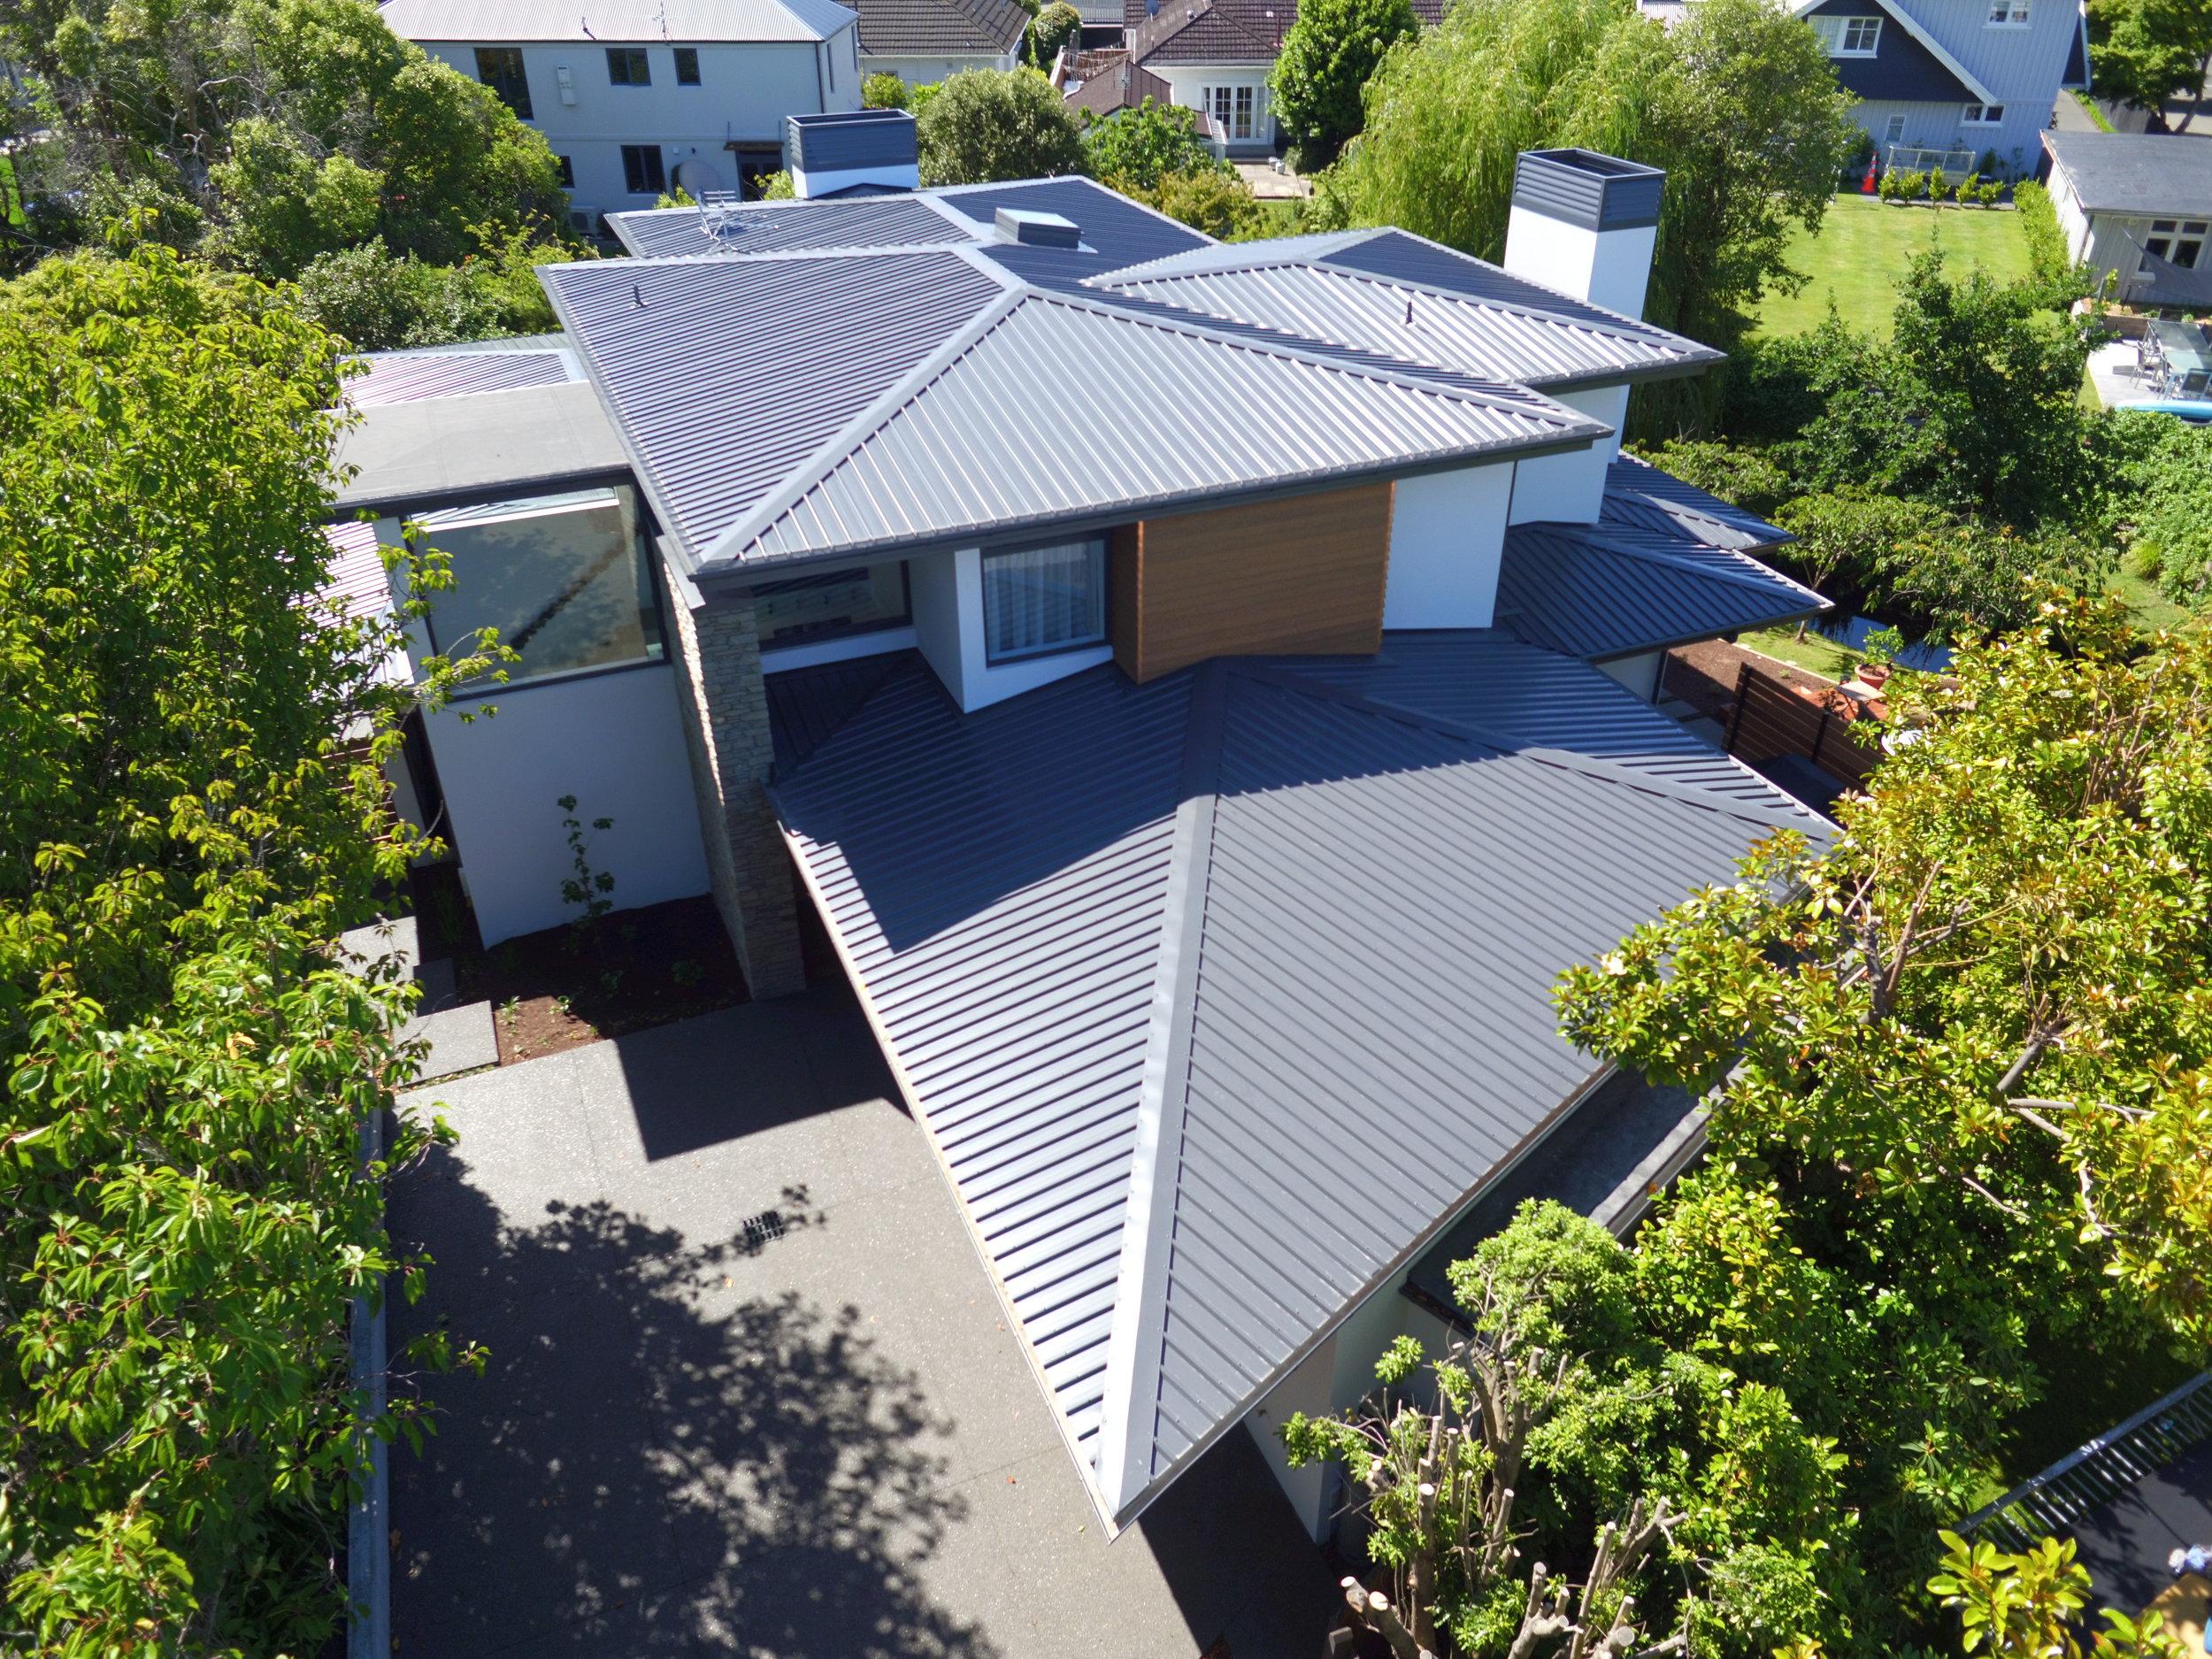 The-Roofing-Store-Steel-Metal-TRS-5-Grey-Fraiars-1.jpg.jpg